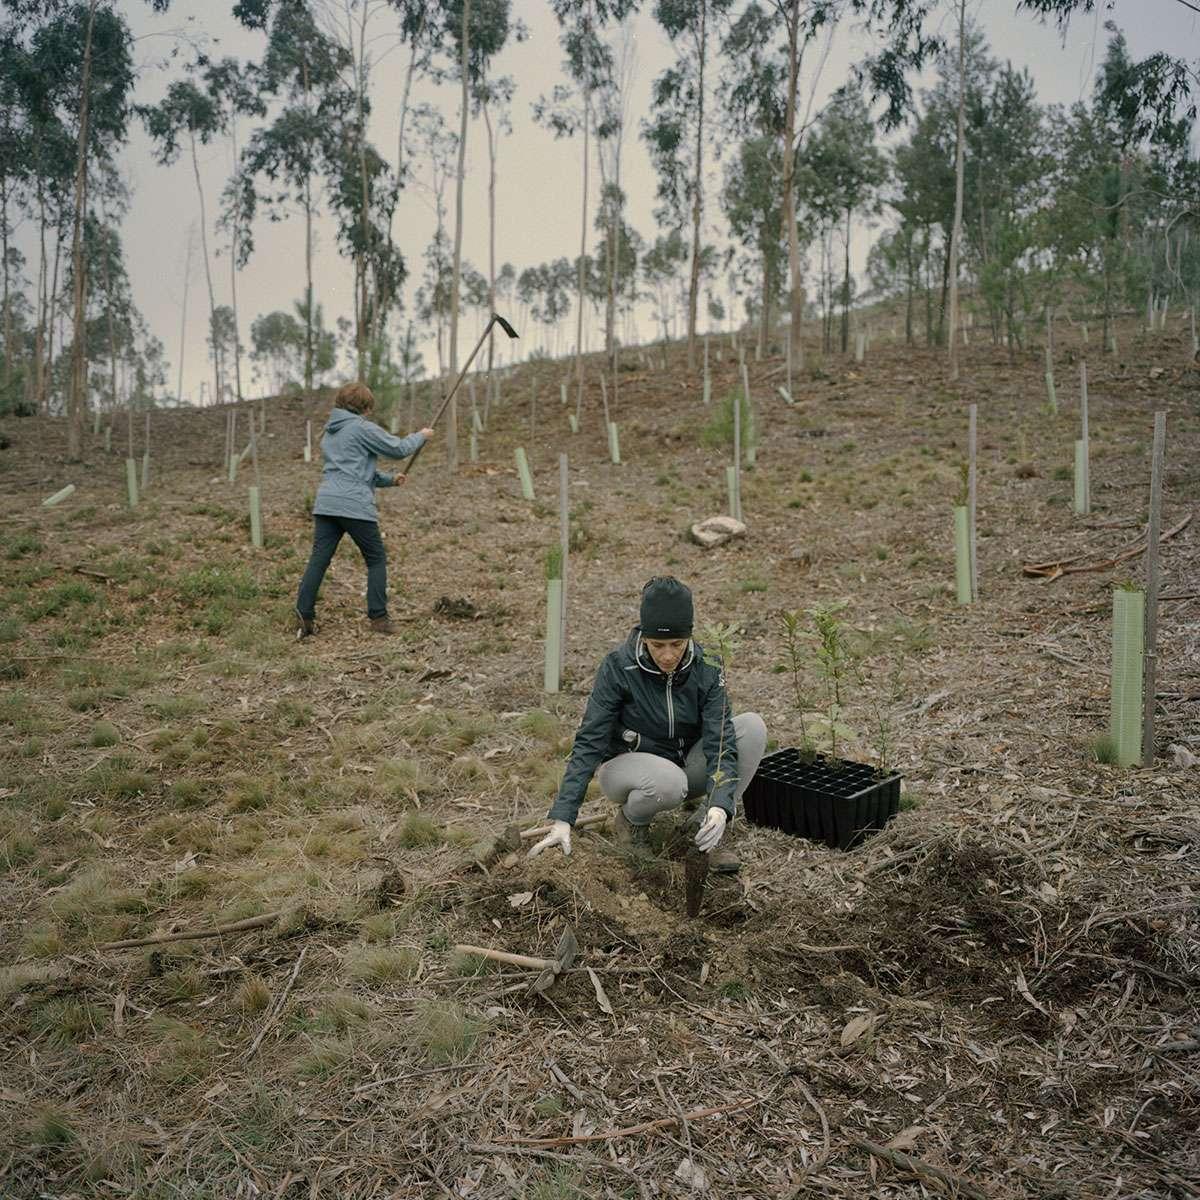 Un réseau forestier Nature 2000 au Portugal préservé par l'association Futuro et la Fondation Yves Rocher, mission photo Juan Manuel Castro Prieto